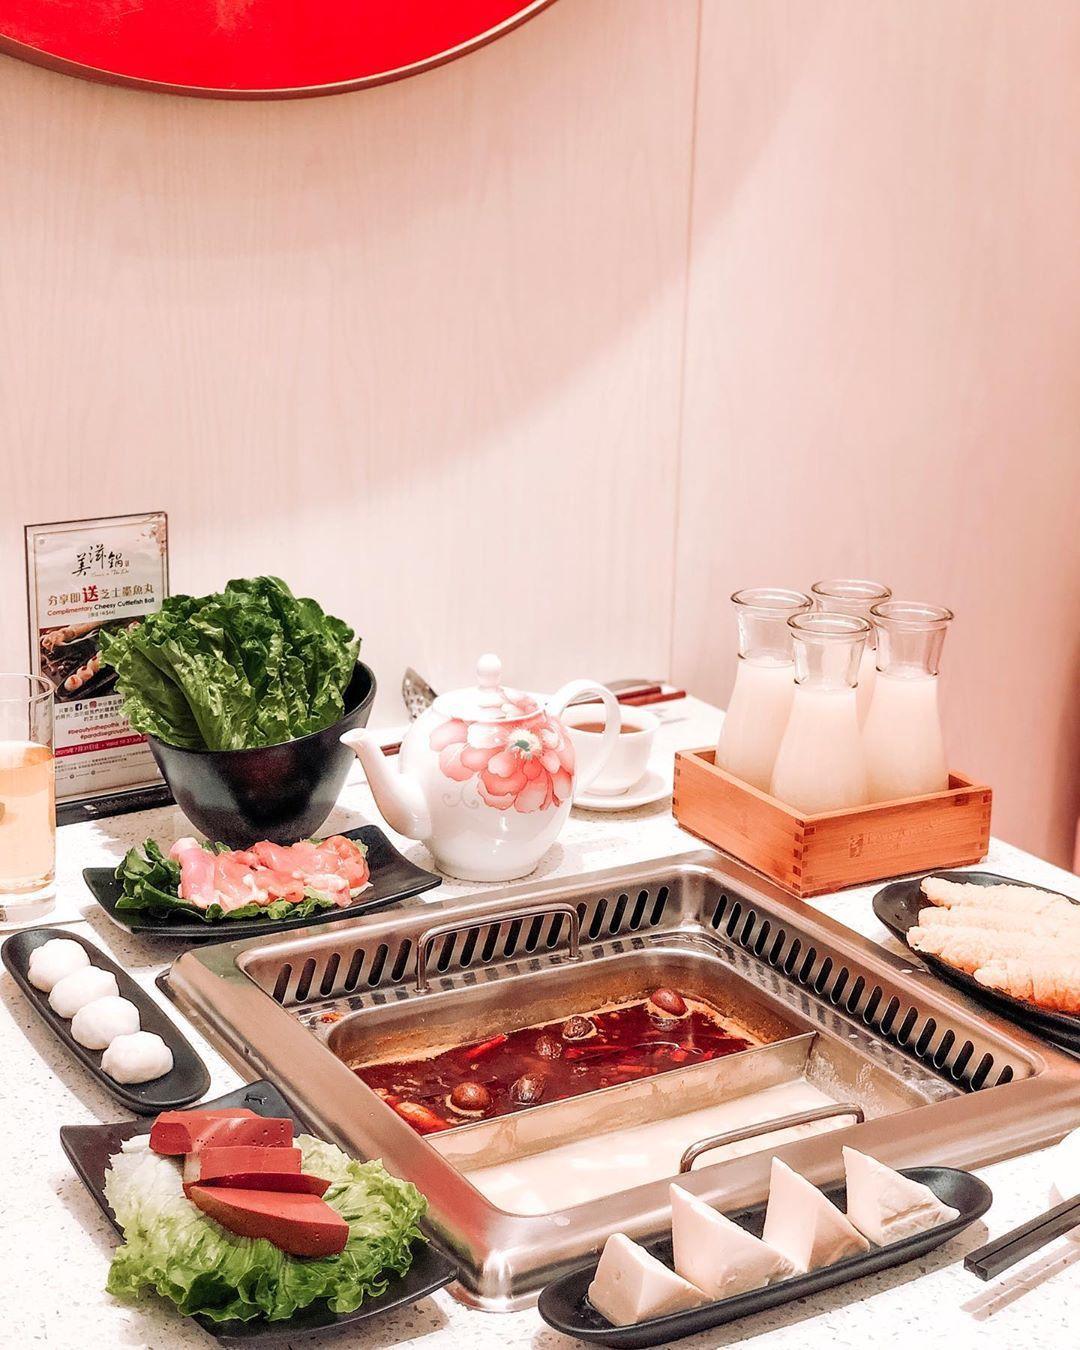 新加坡樂天餐飲集團主打養顏美容健康概念火鍋的「美滋鍋」,來台首店落腳於ATT 4...